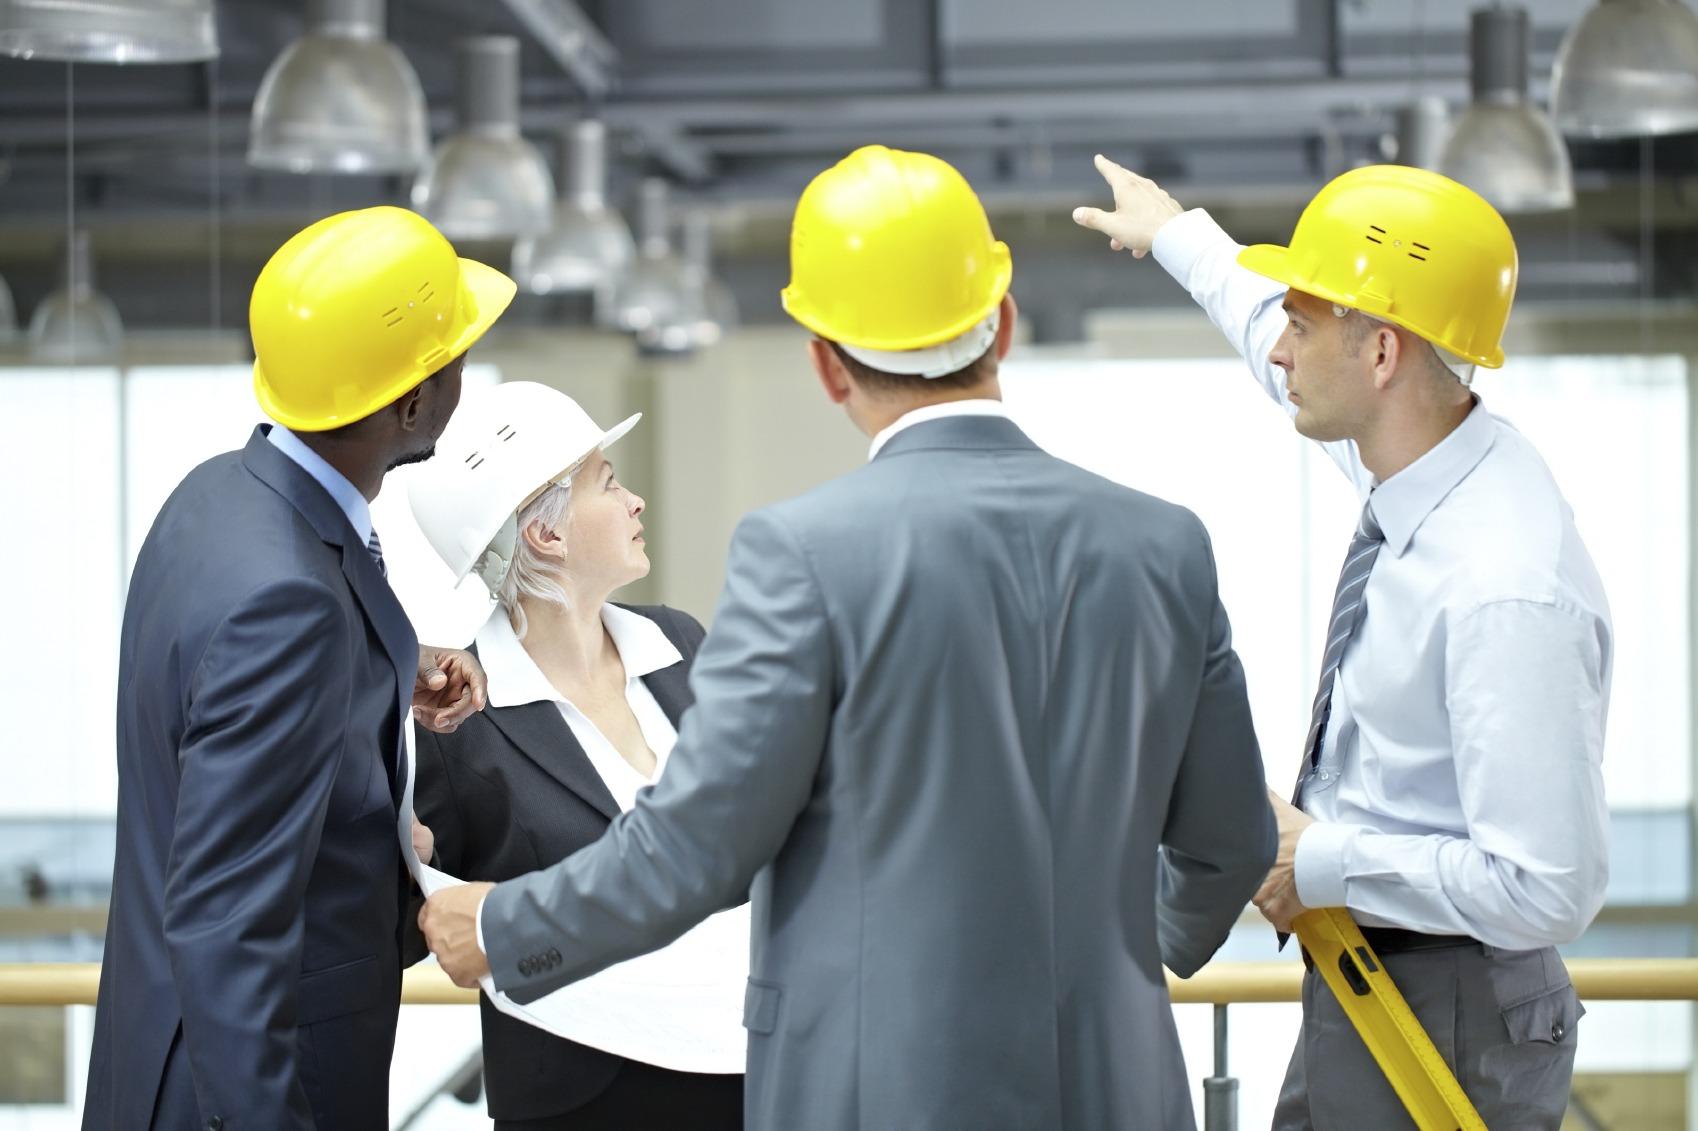 Töötervishoiu ja tööohutuse koolitus